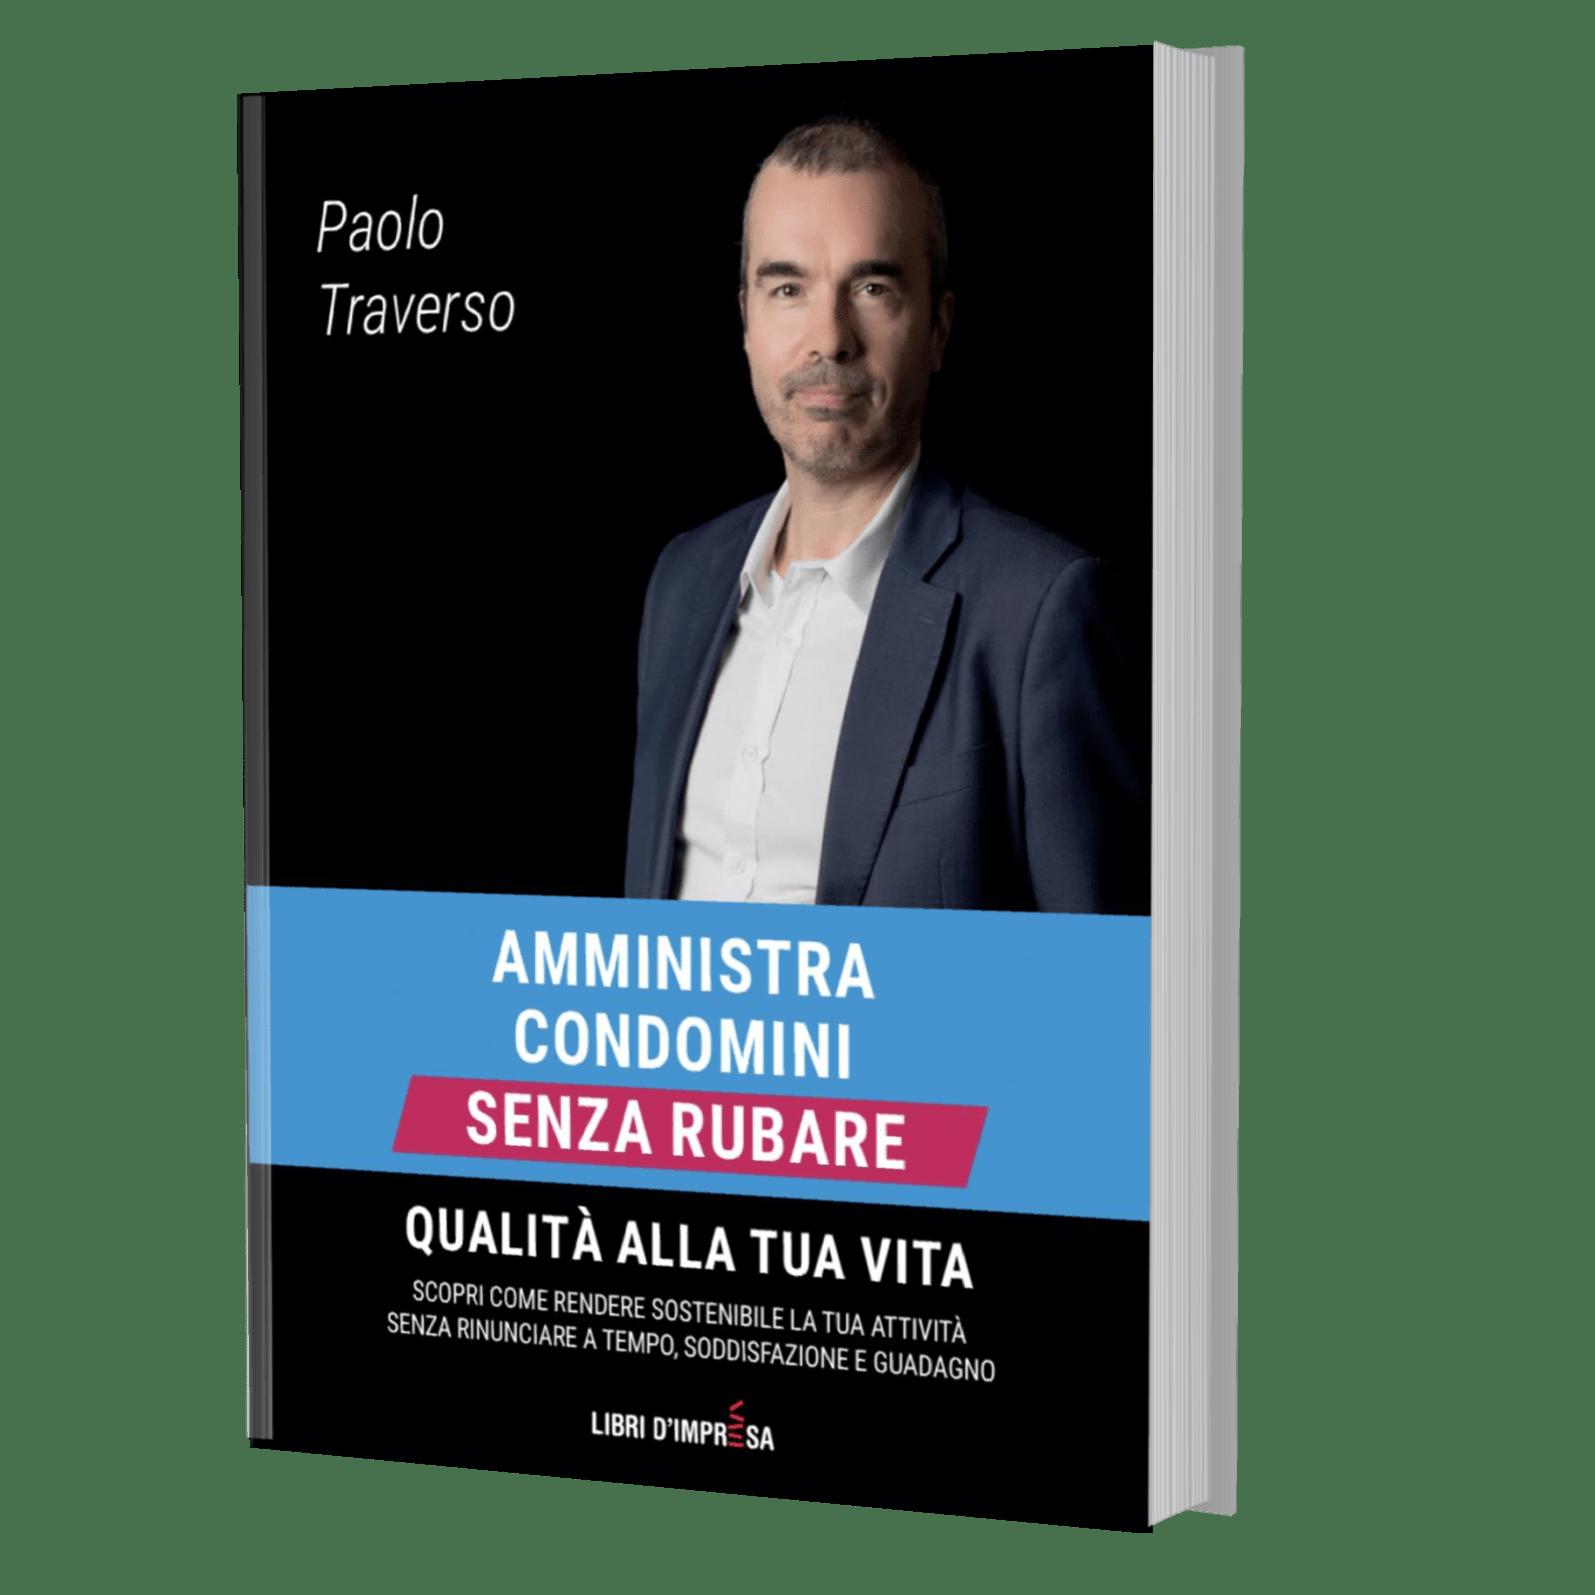 Paolo Traverso - Amministra condomini senza rubare